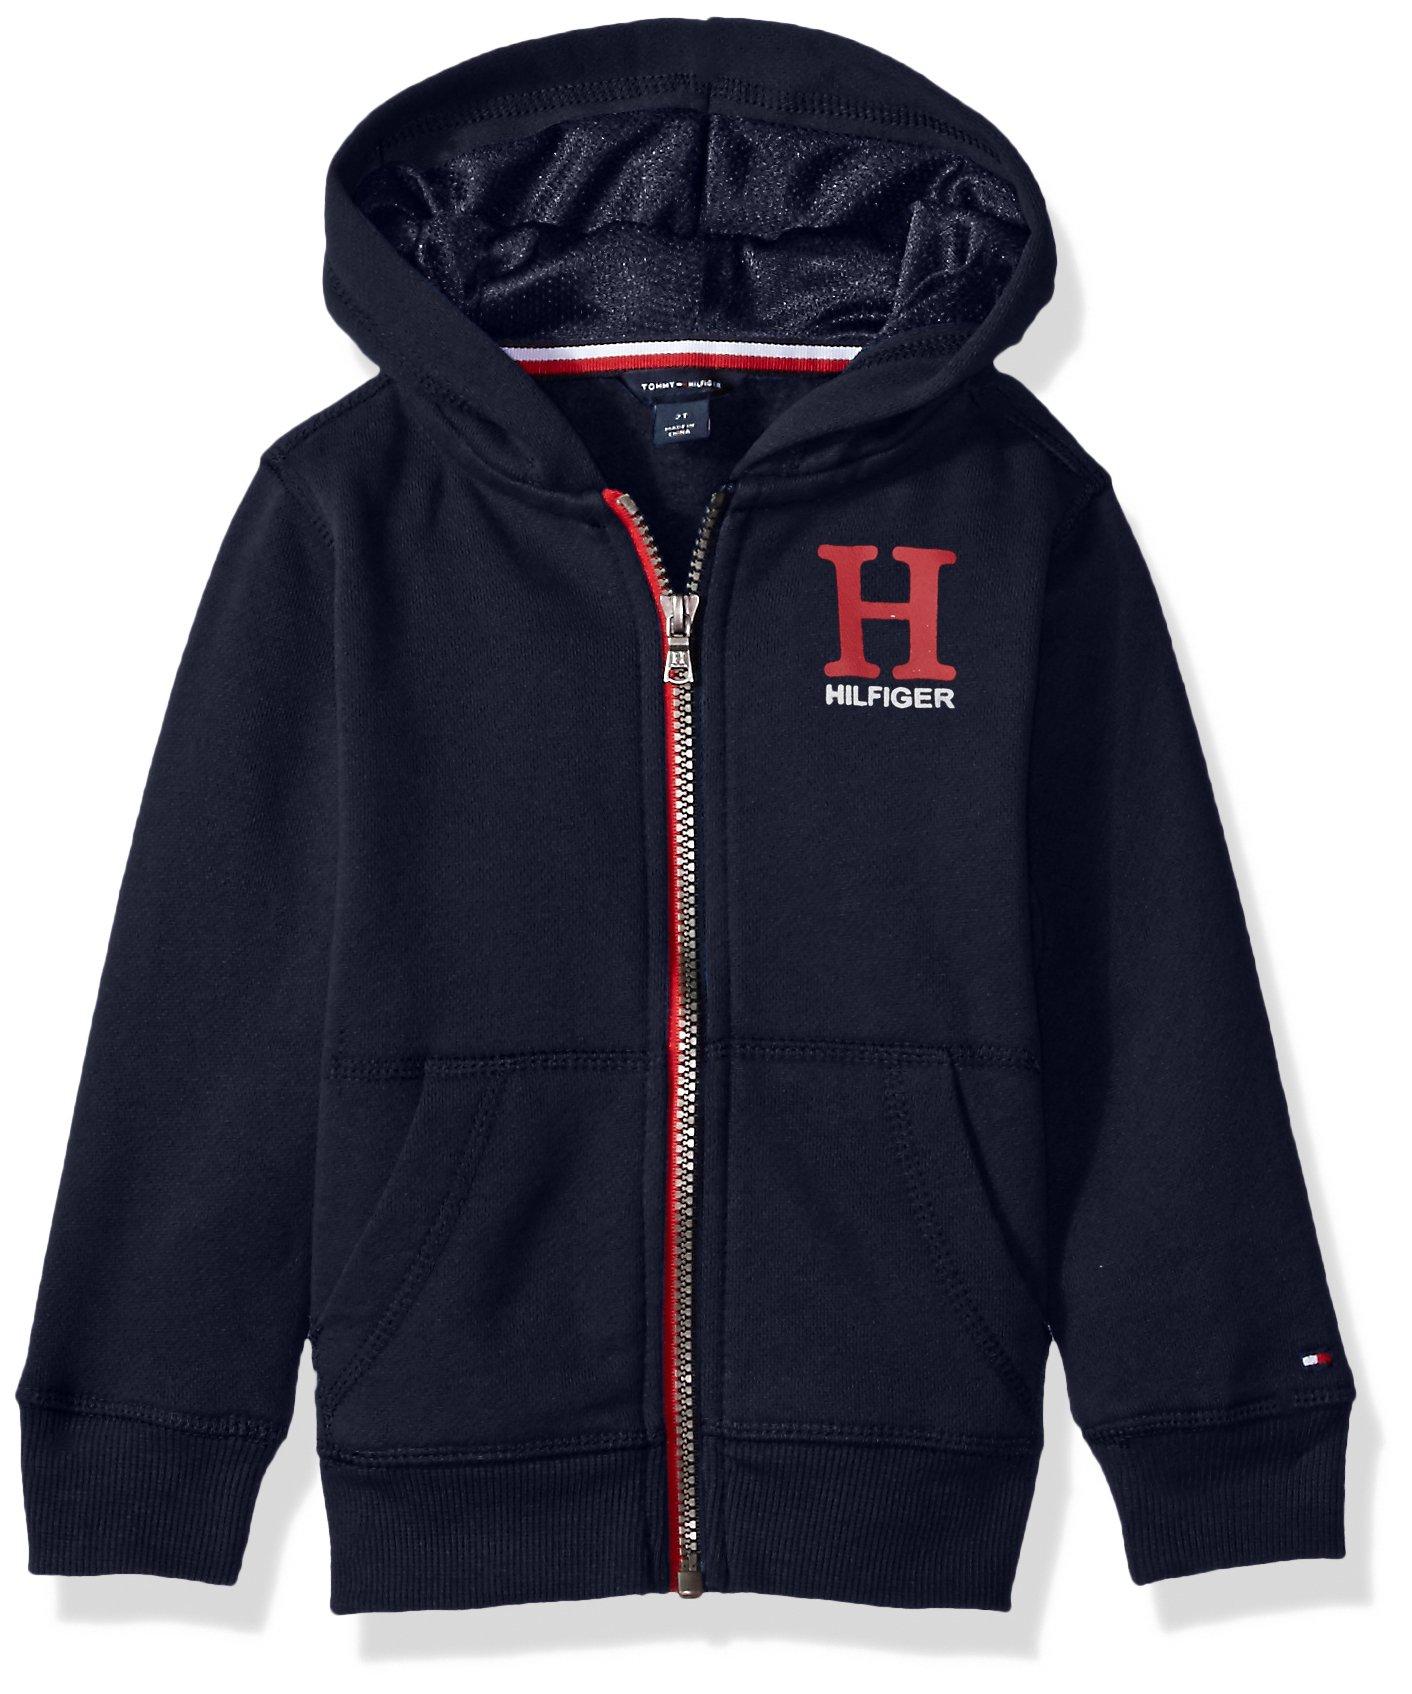 Tommy Hilfiger Toddler Boys' Long Sleeve Matt Logo Zip up Hoodie, Matt Swim Navy, 2T